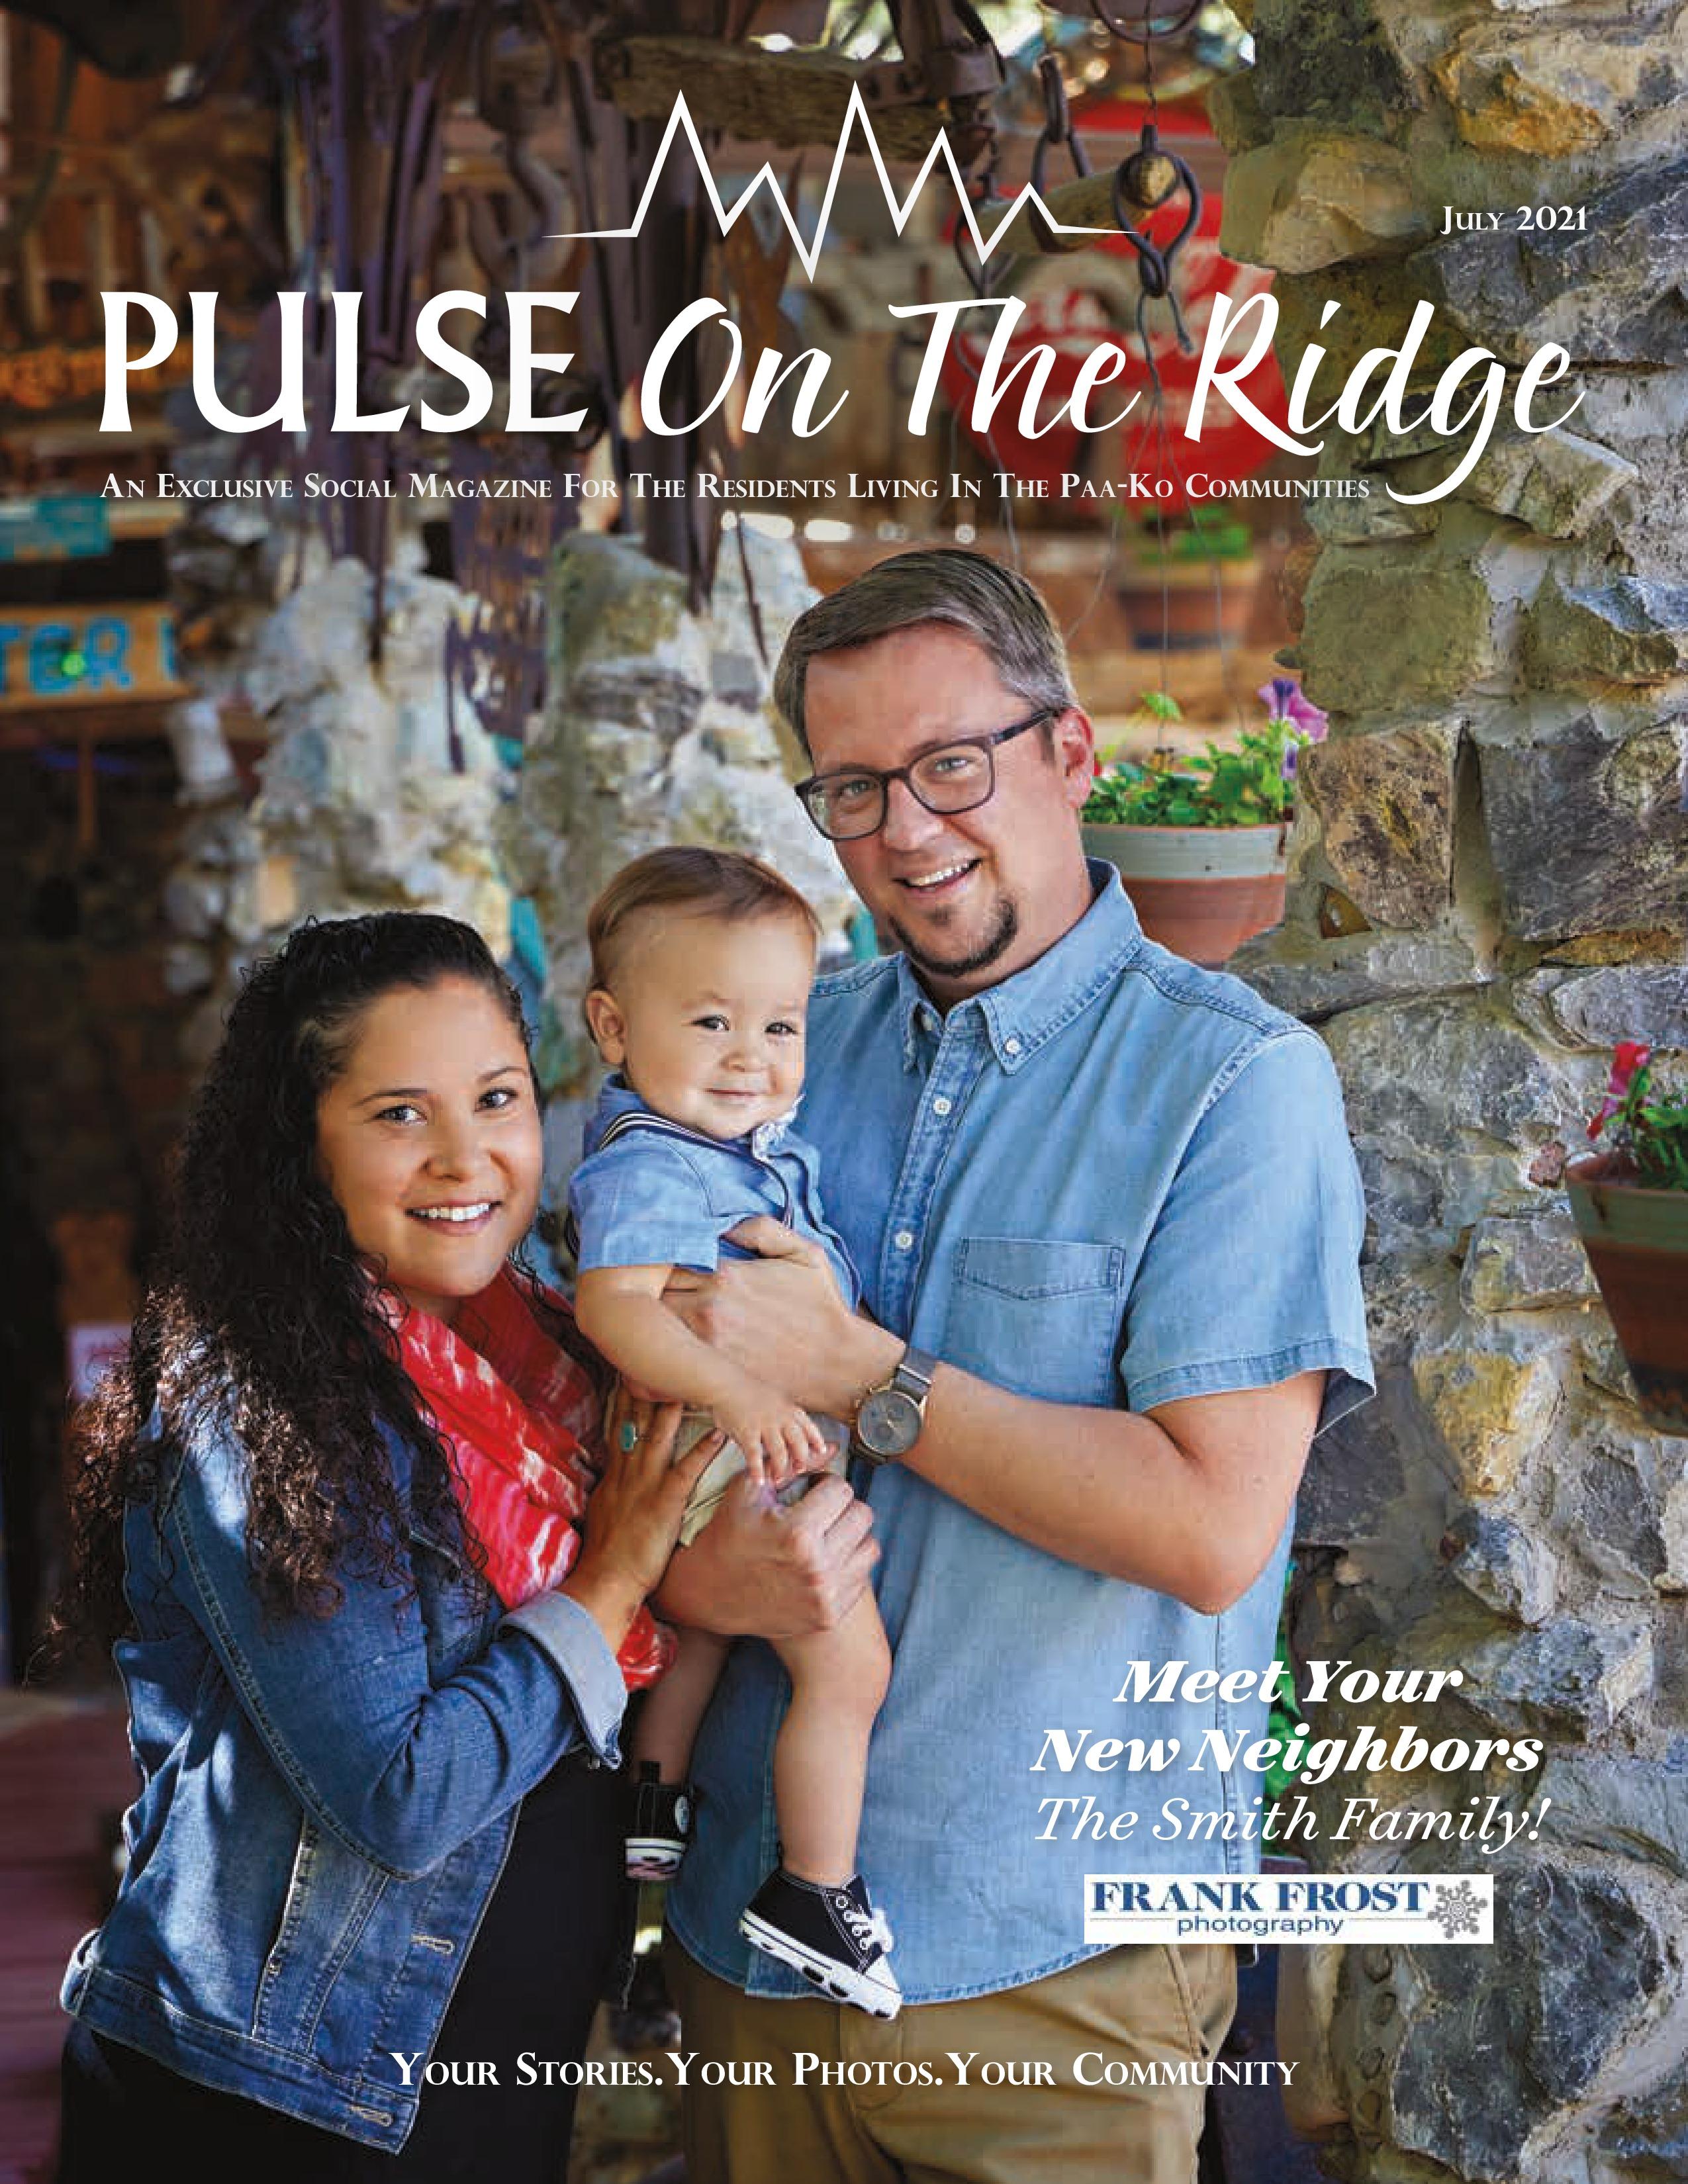 Pulse on the Ridge 2021-07-01